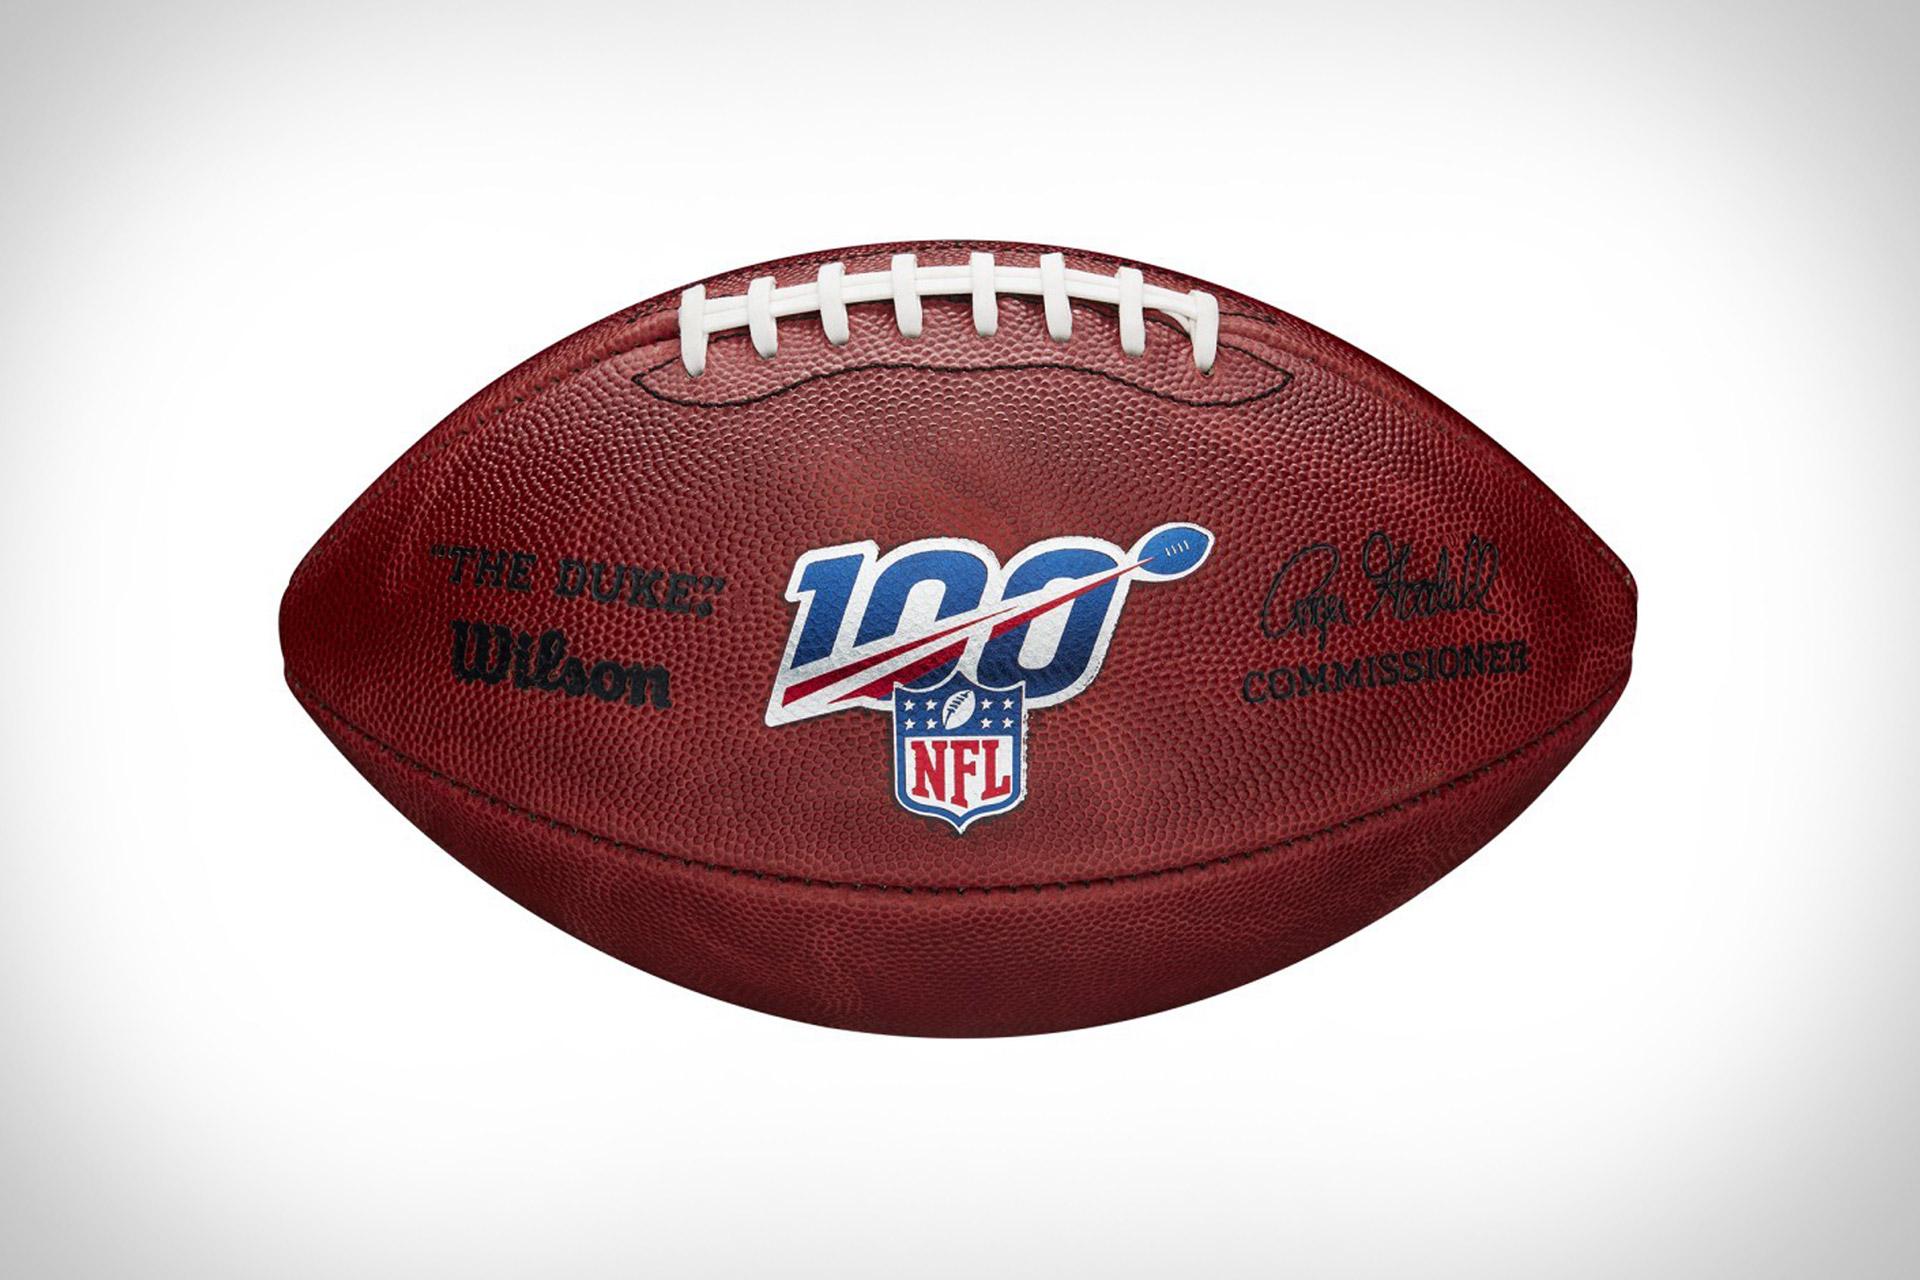 Wilson NFL 100 Duke Football